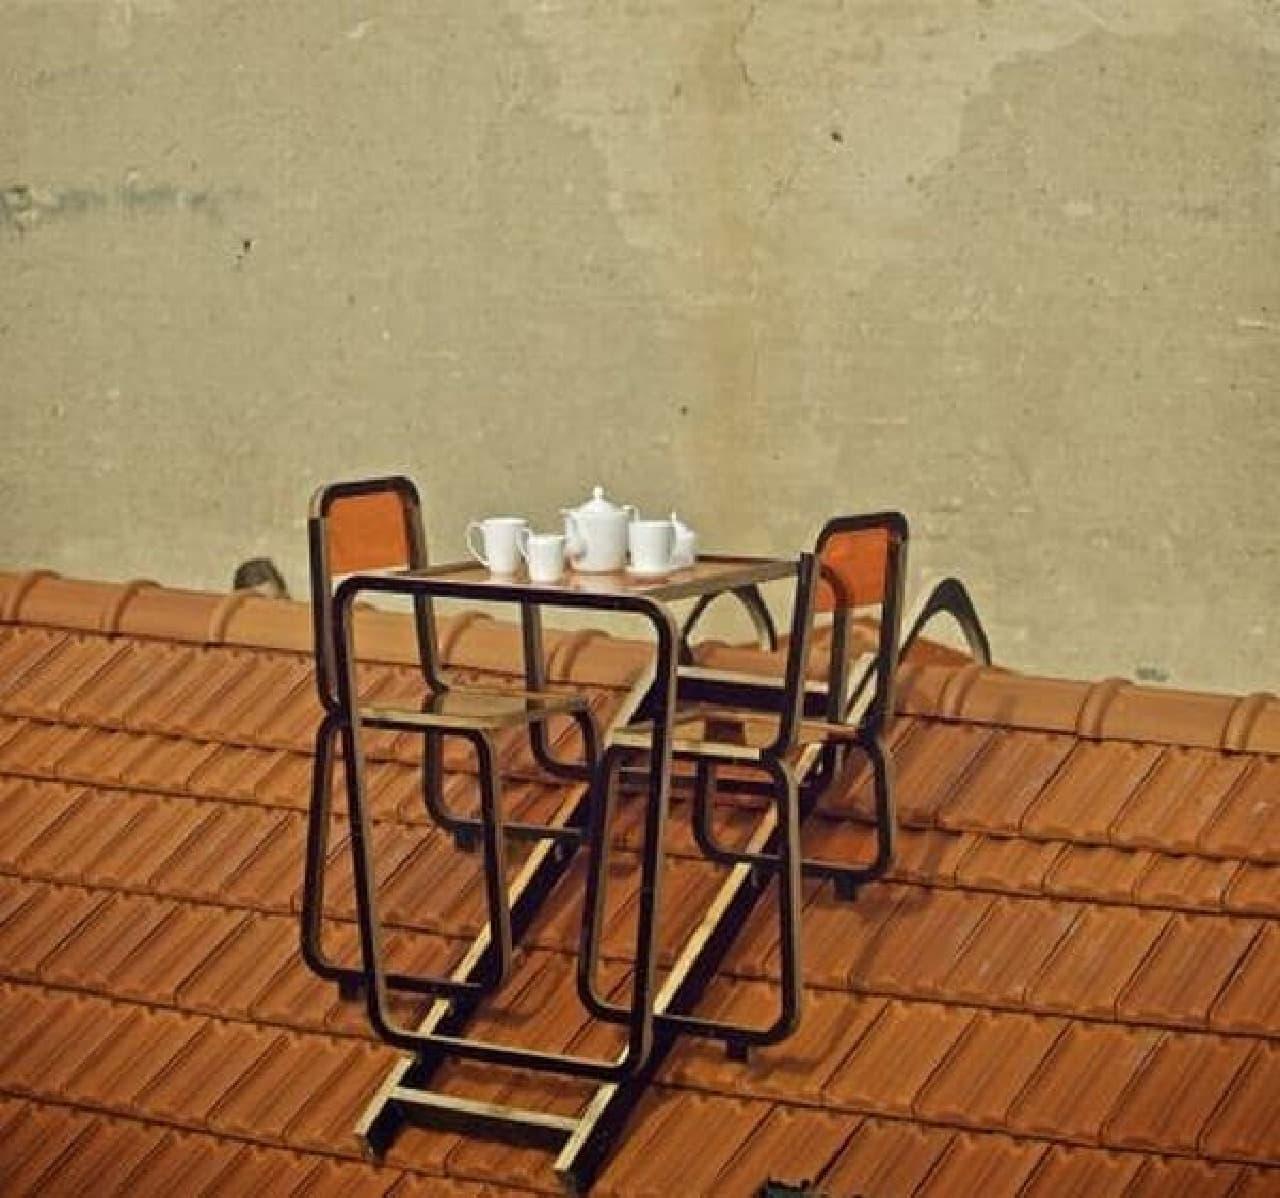 はしご状の留め具を屋根の最上部にひっかければ、  簡単にテーブルセットを設置できる